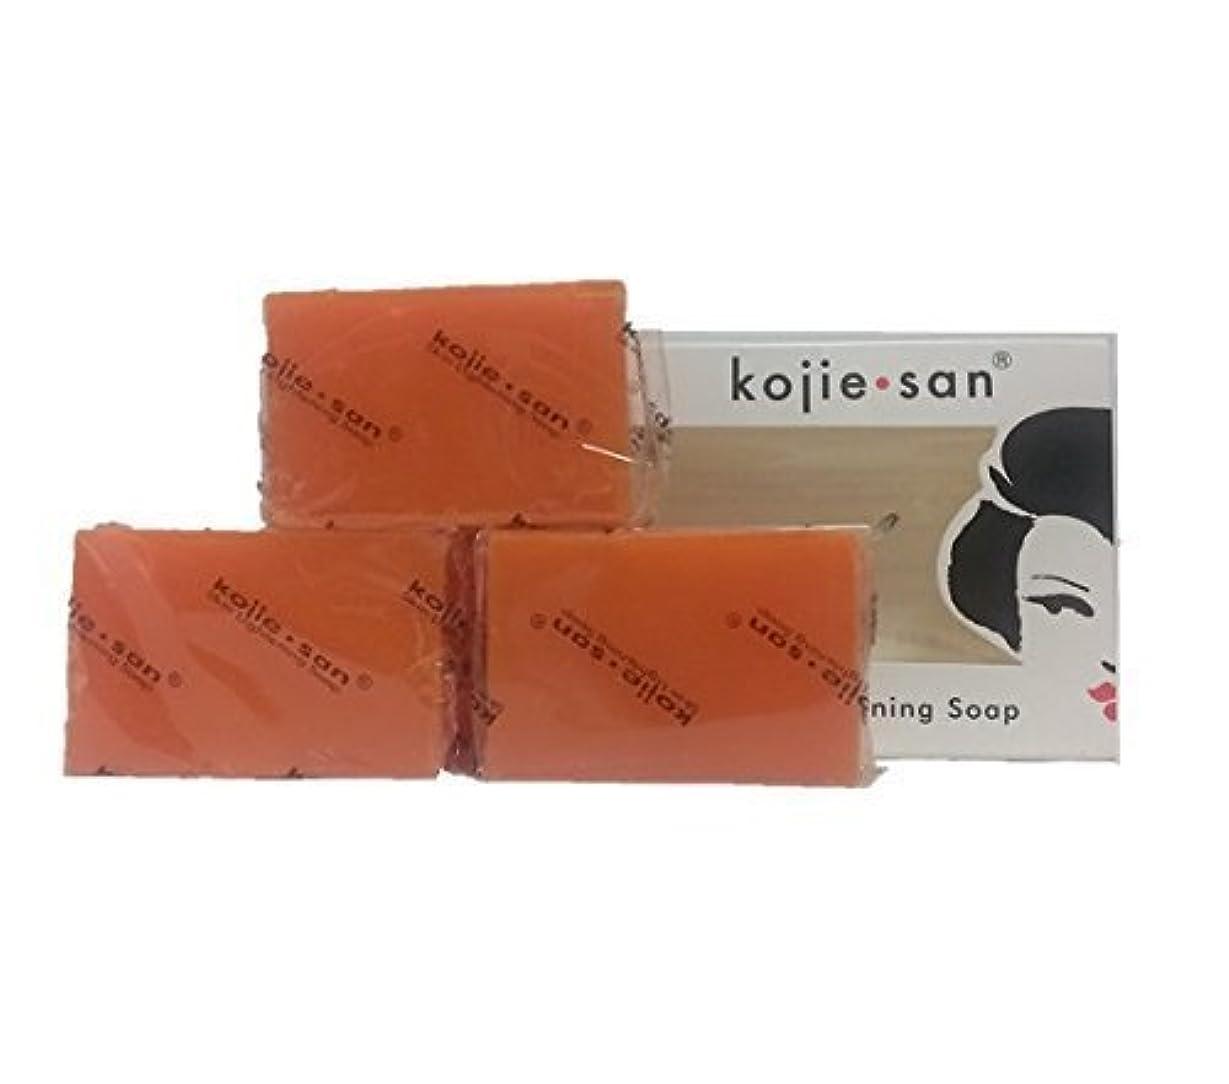 彼女満員光沢Kojie san Skin Lightning Soap 3 pcs こじえさんスキンライトニングソープ3個パック [並行輸入品]